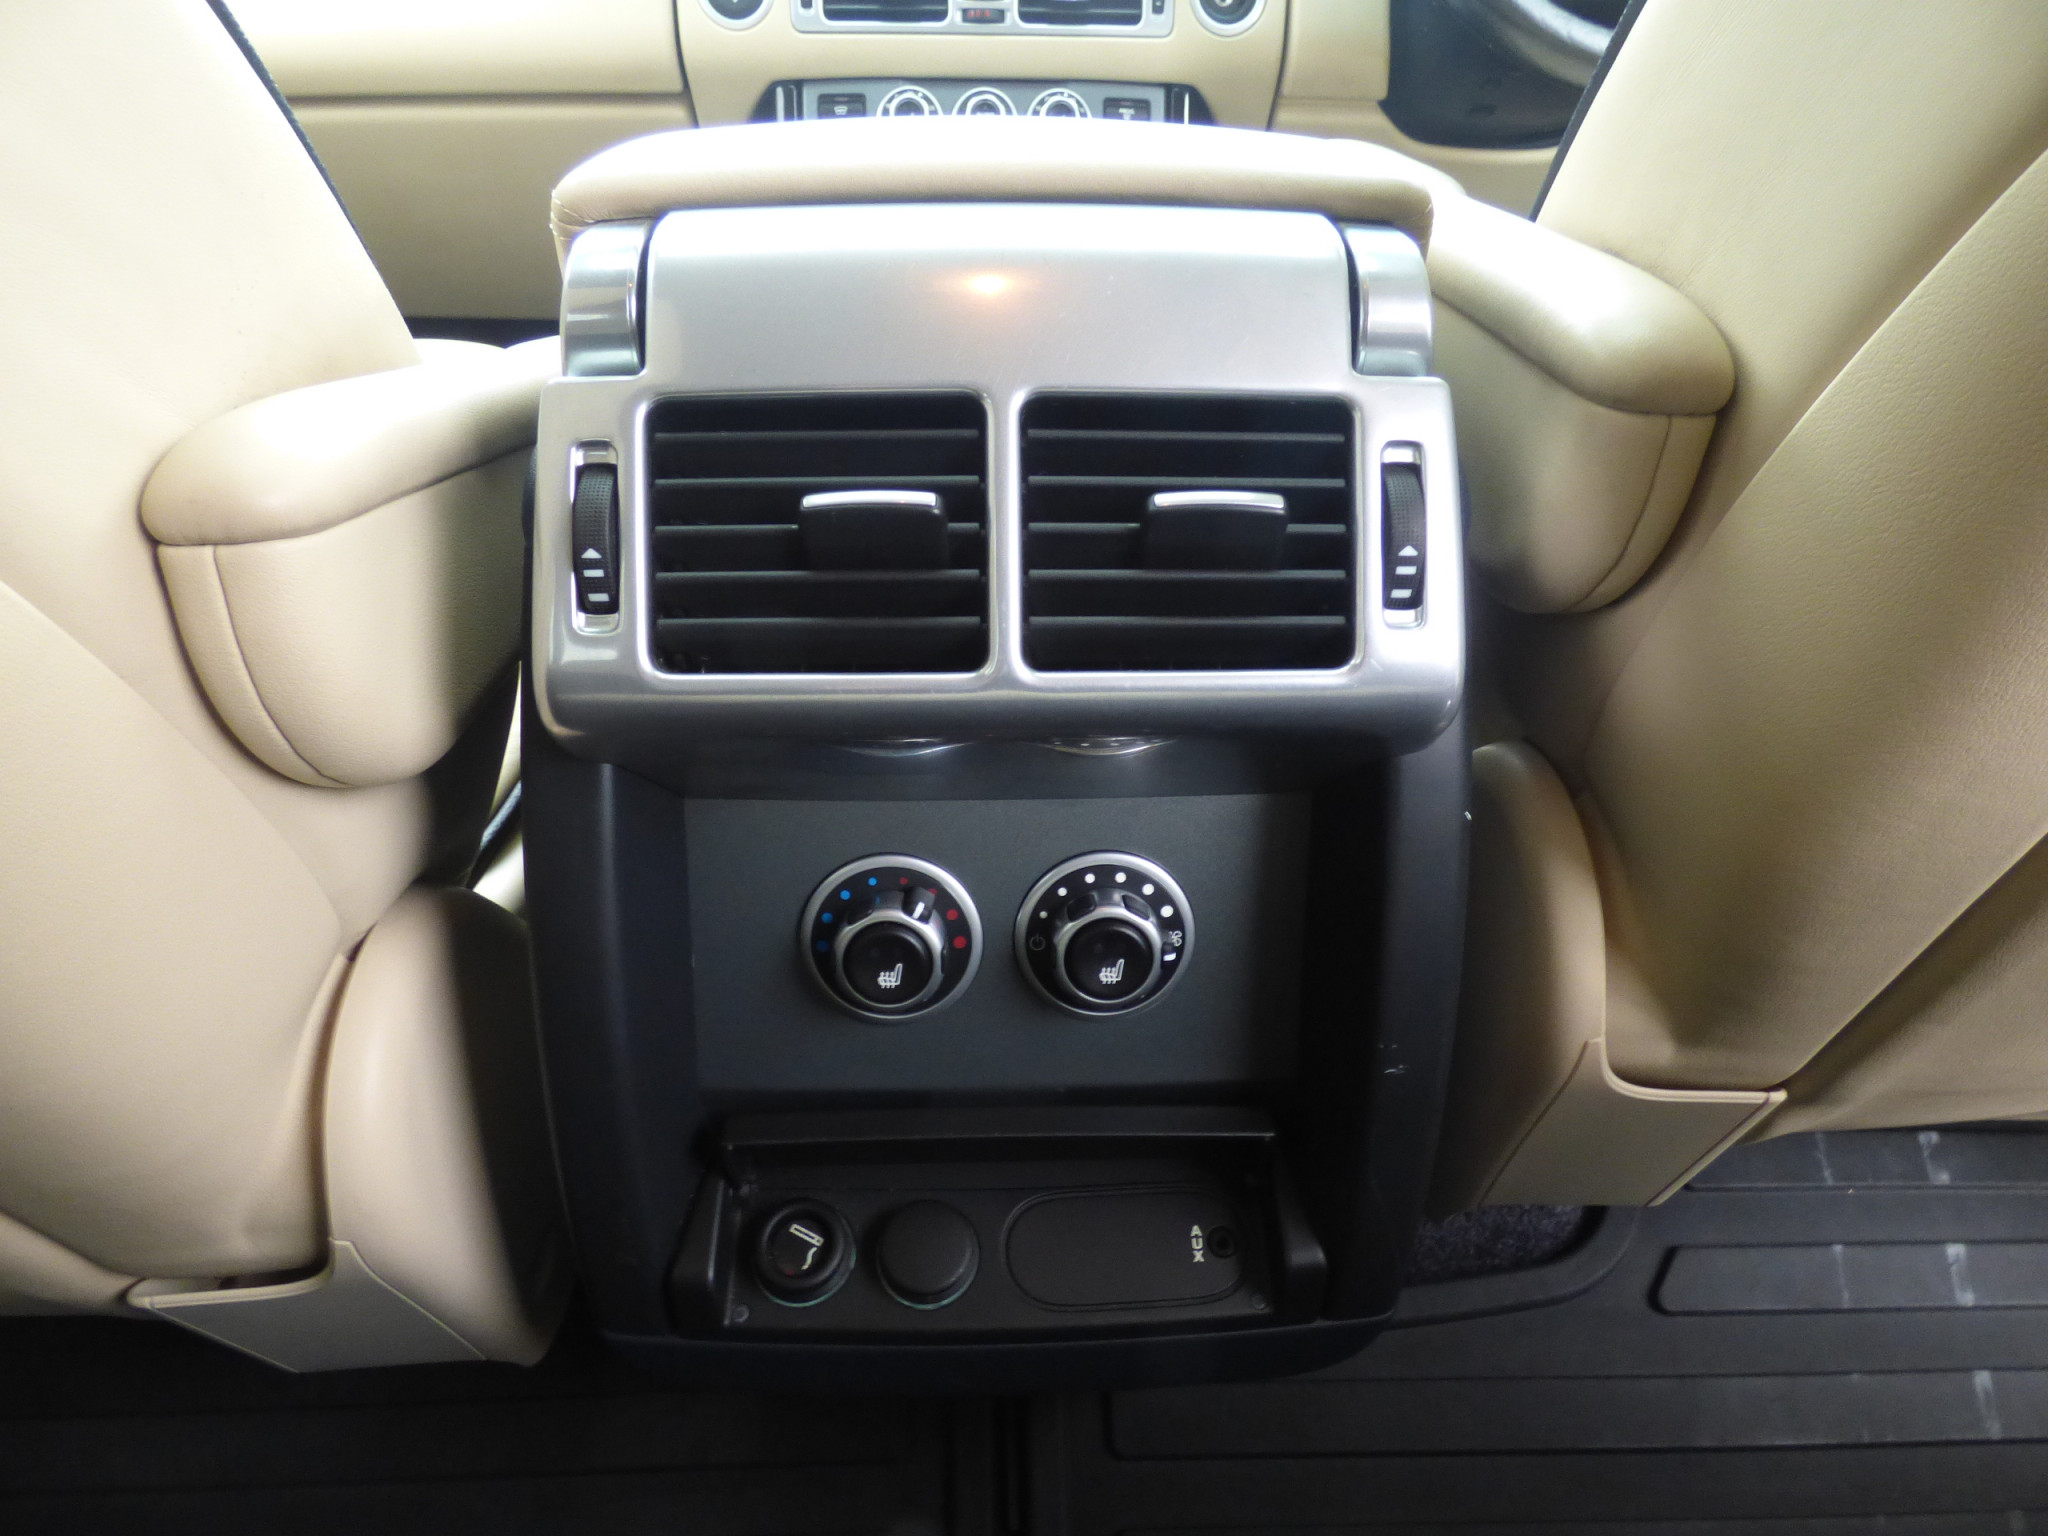 Land Rover Range Rover Range Rover 3 6 TDV8 VOGUE 4dr Auto